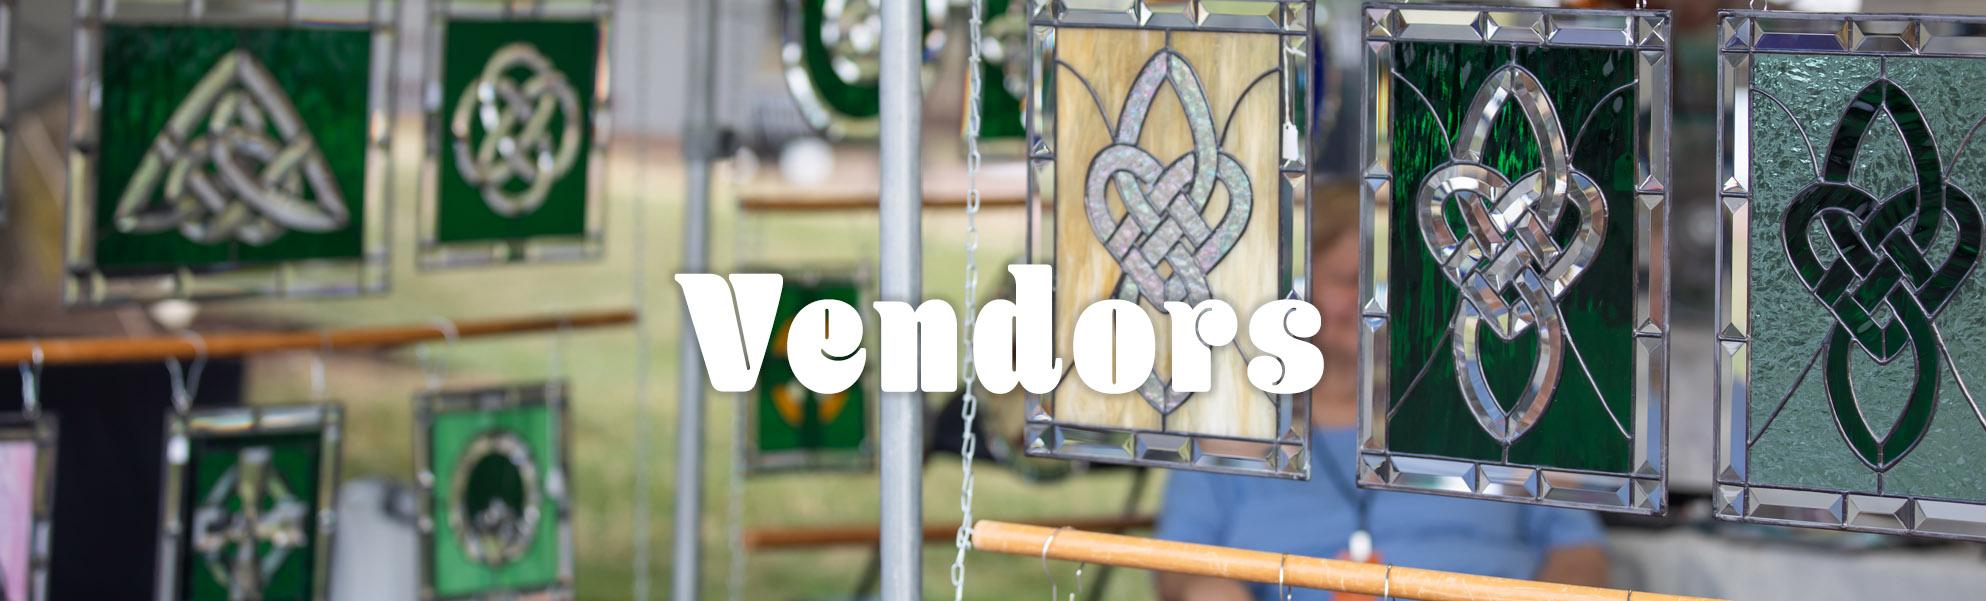 vendors-header-2019